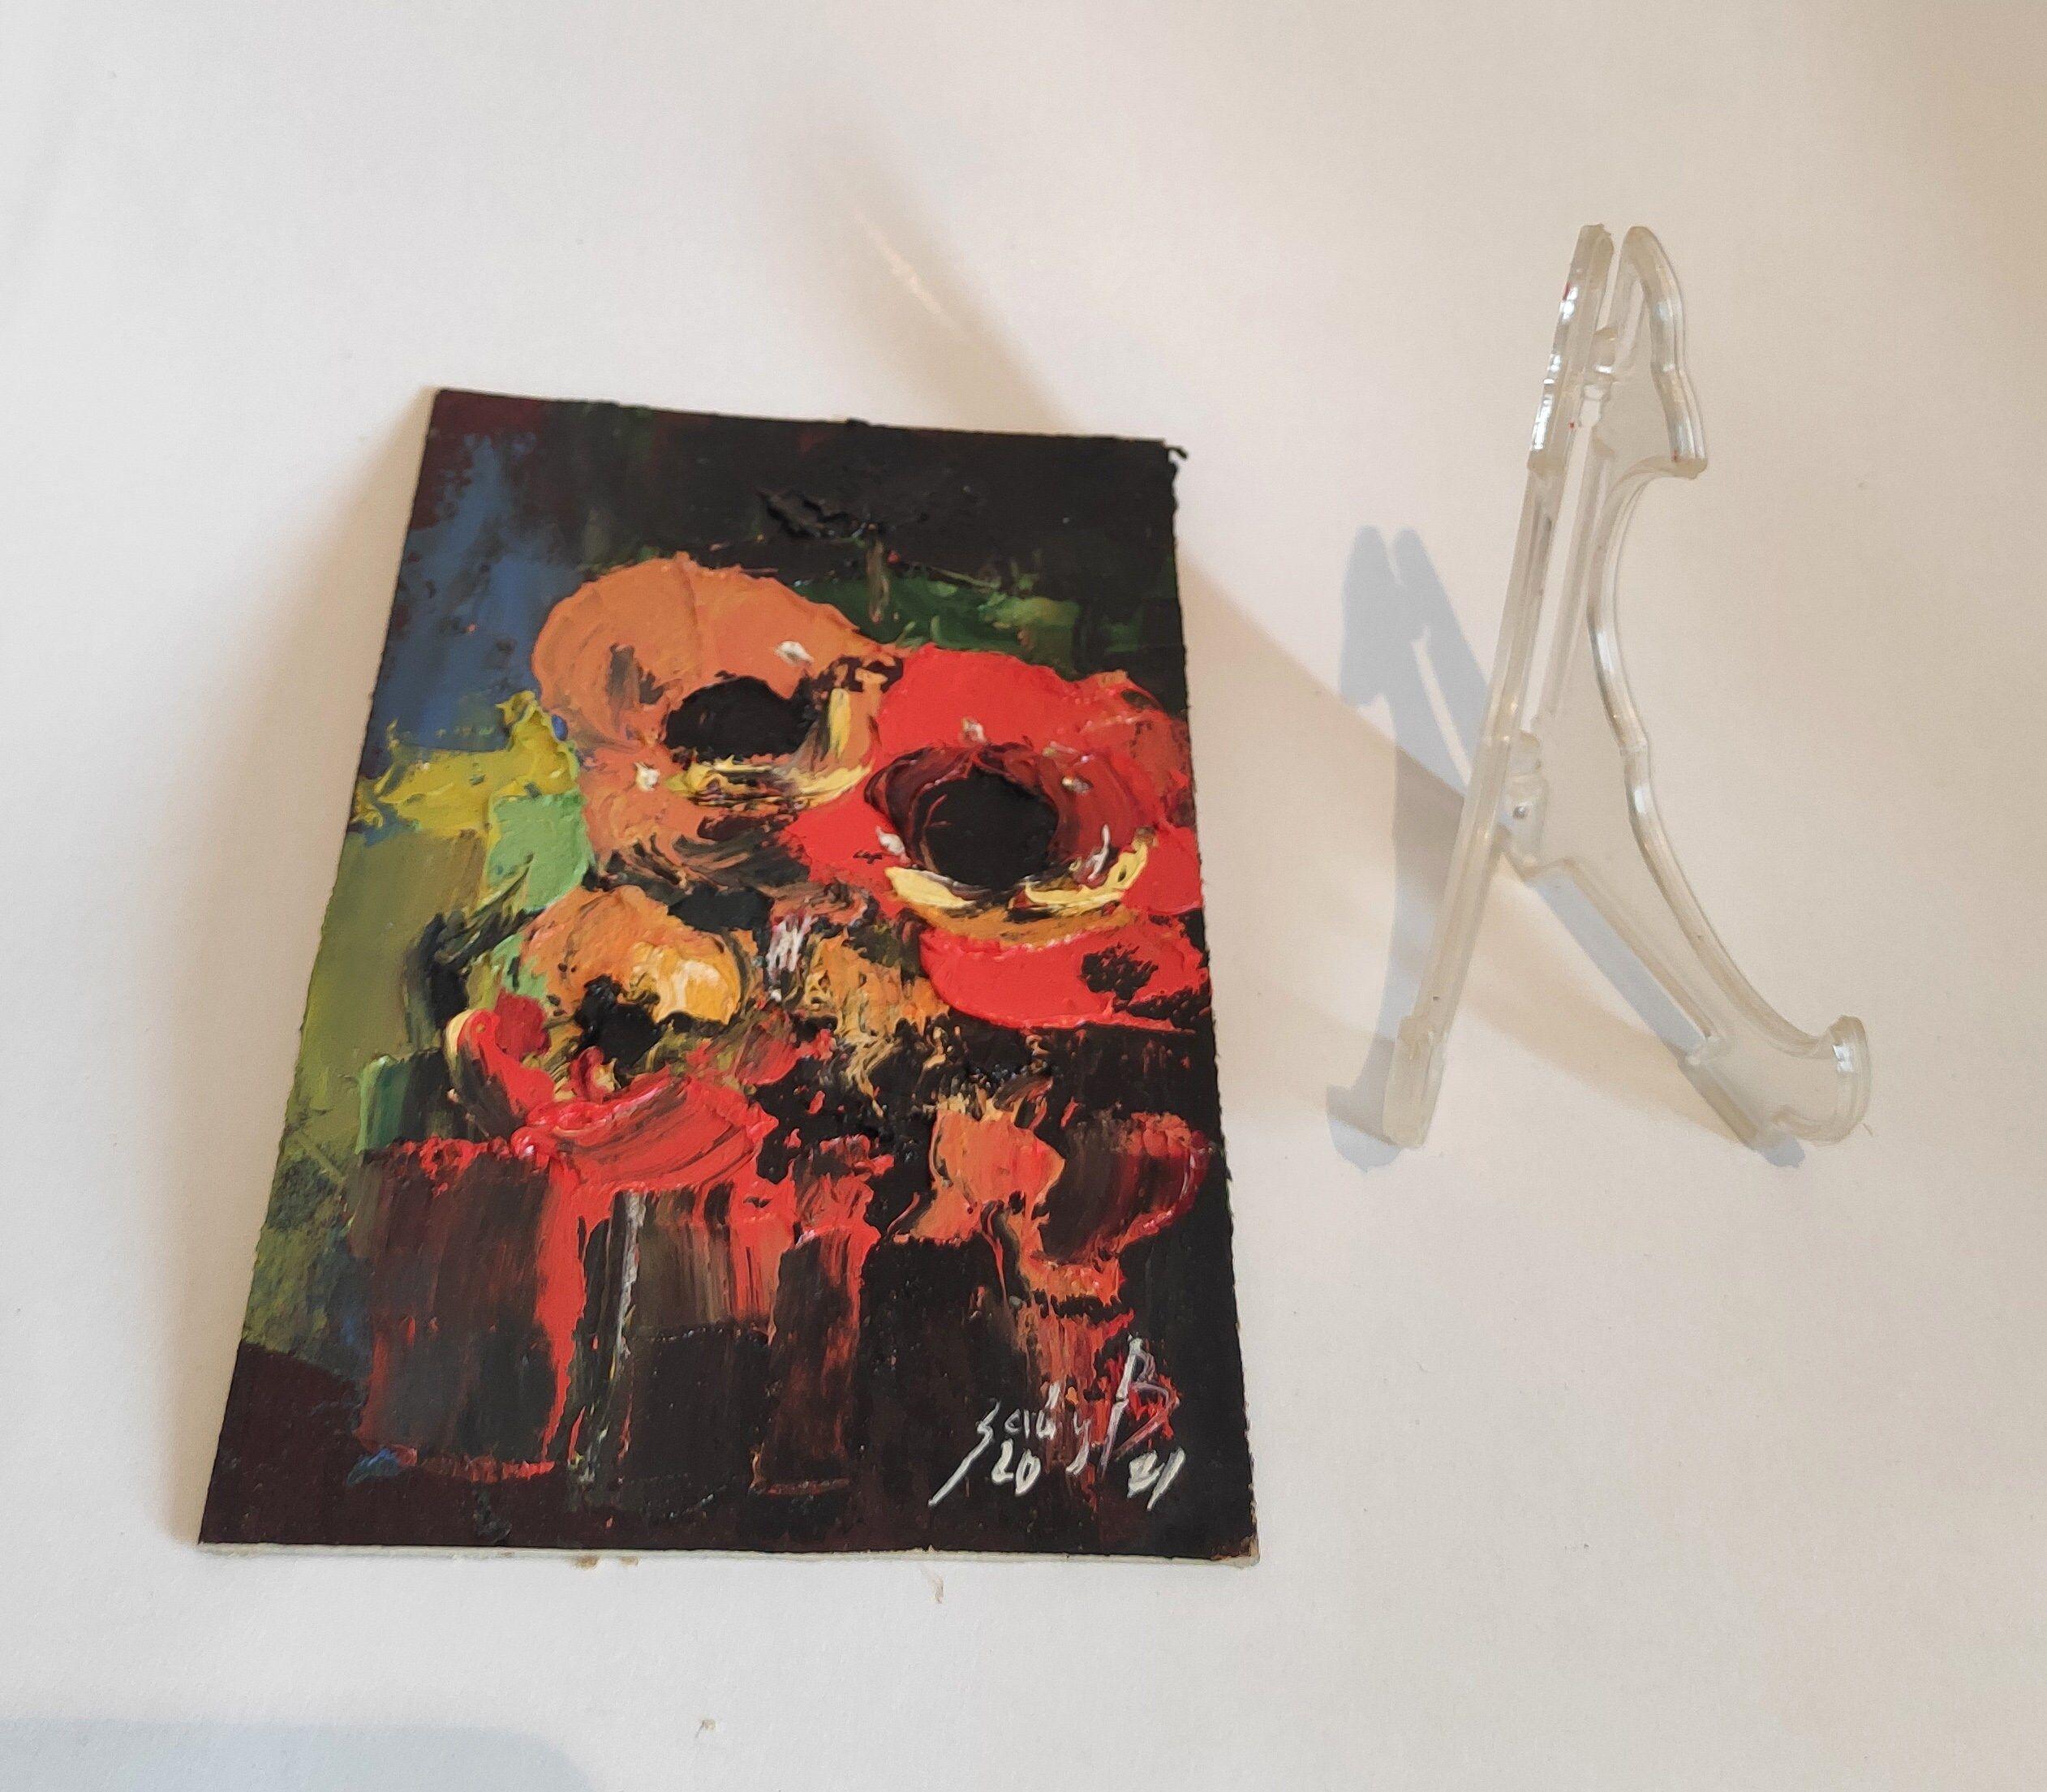 Маки Живопись Цветы Оригинальное искусство Абстрактные Цветы Произведение искусства Маленькая картина Импасто Картина маслом Красные маки Произведение искусства Цветочное искусство